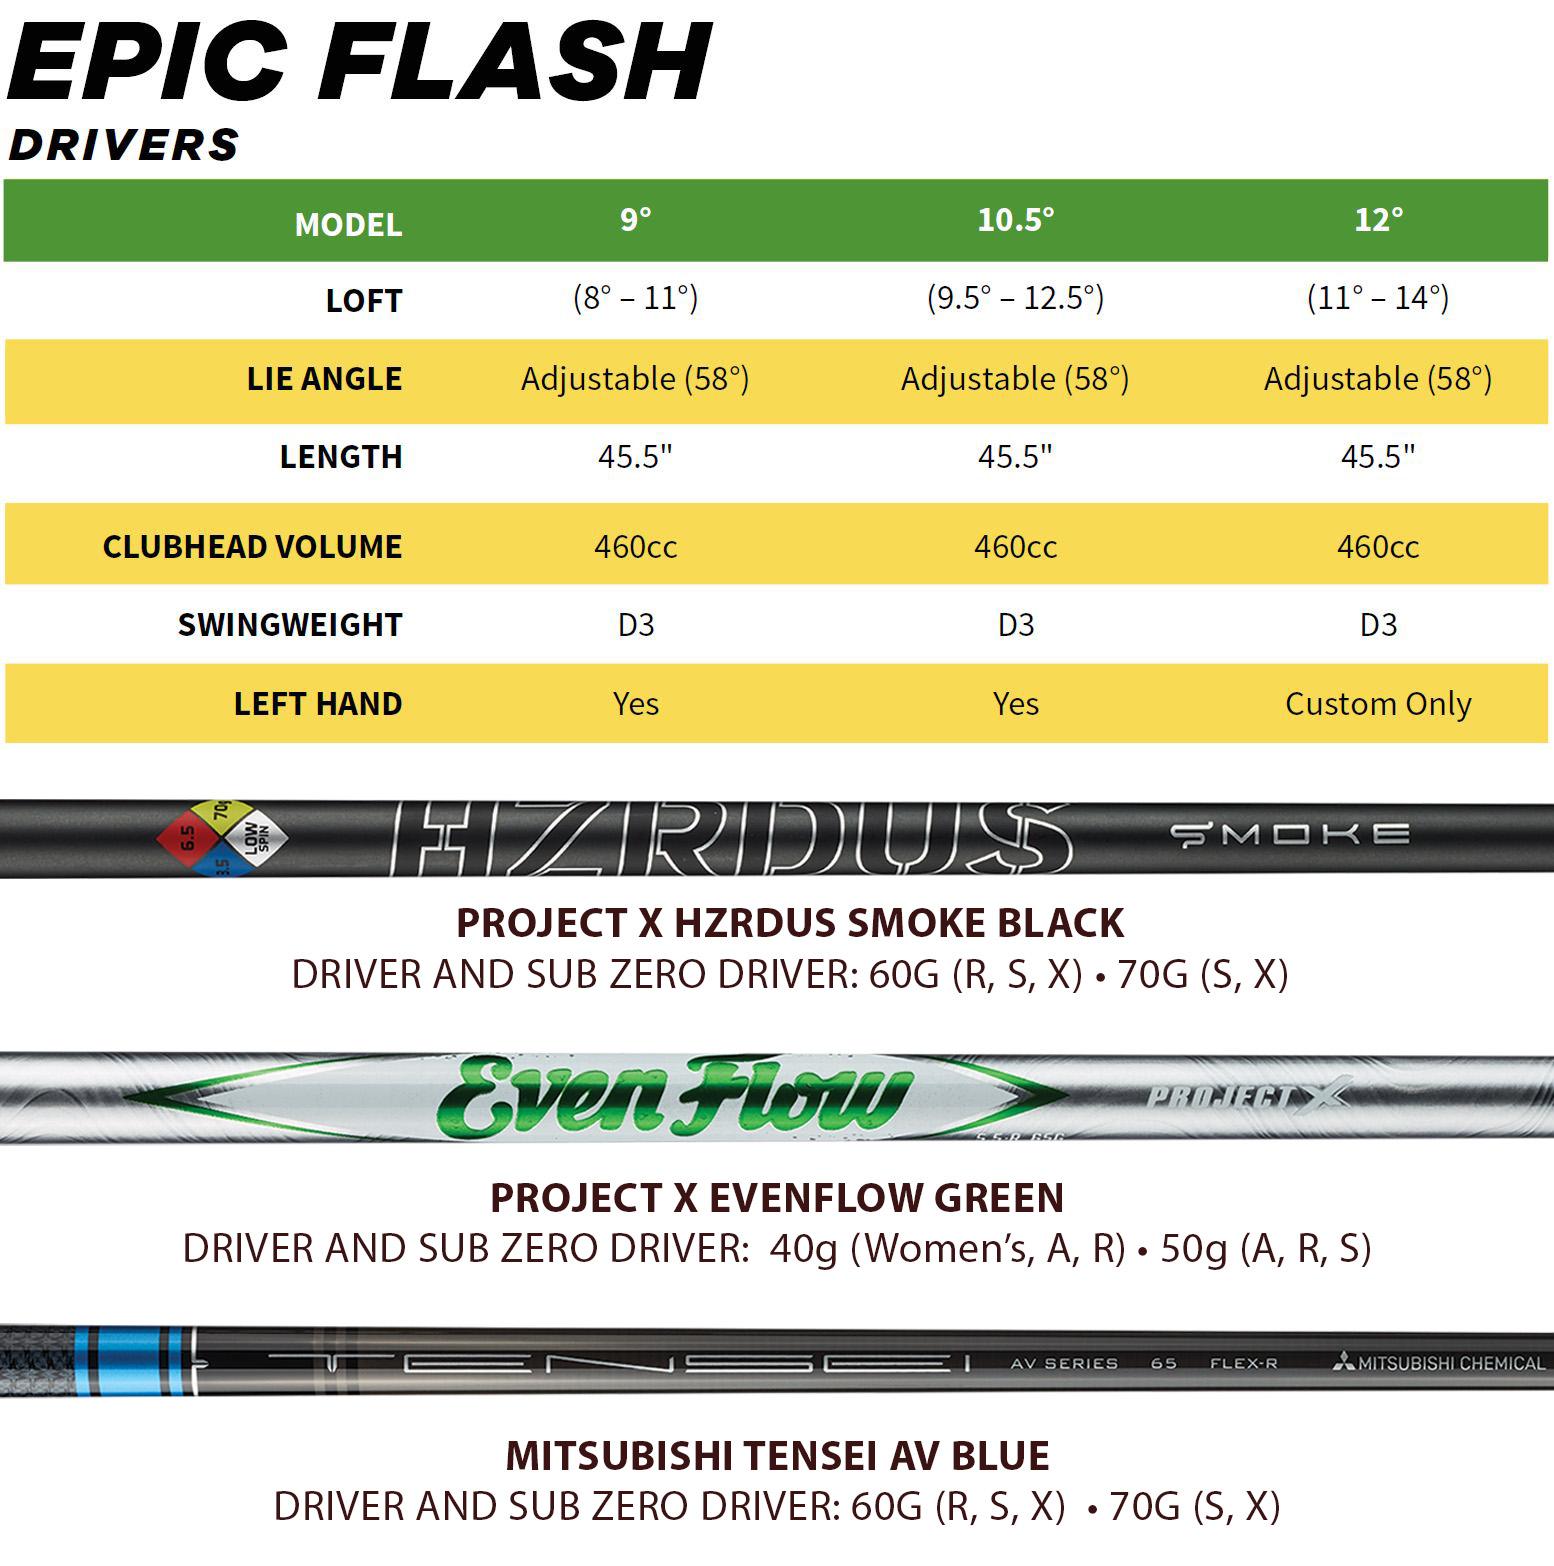 Callaway Epic Flash Driver Tech Specs